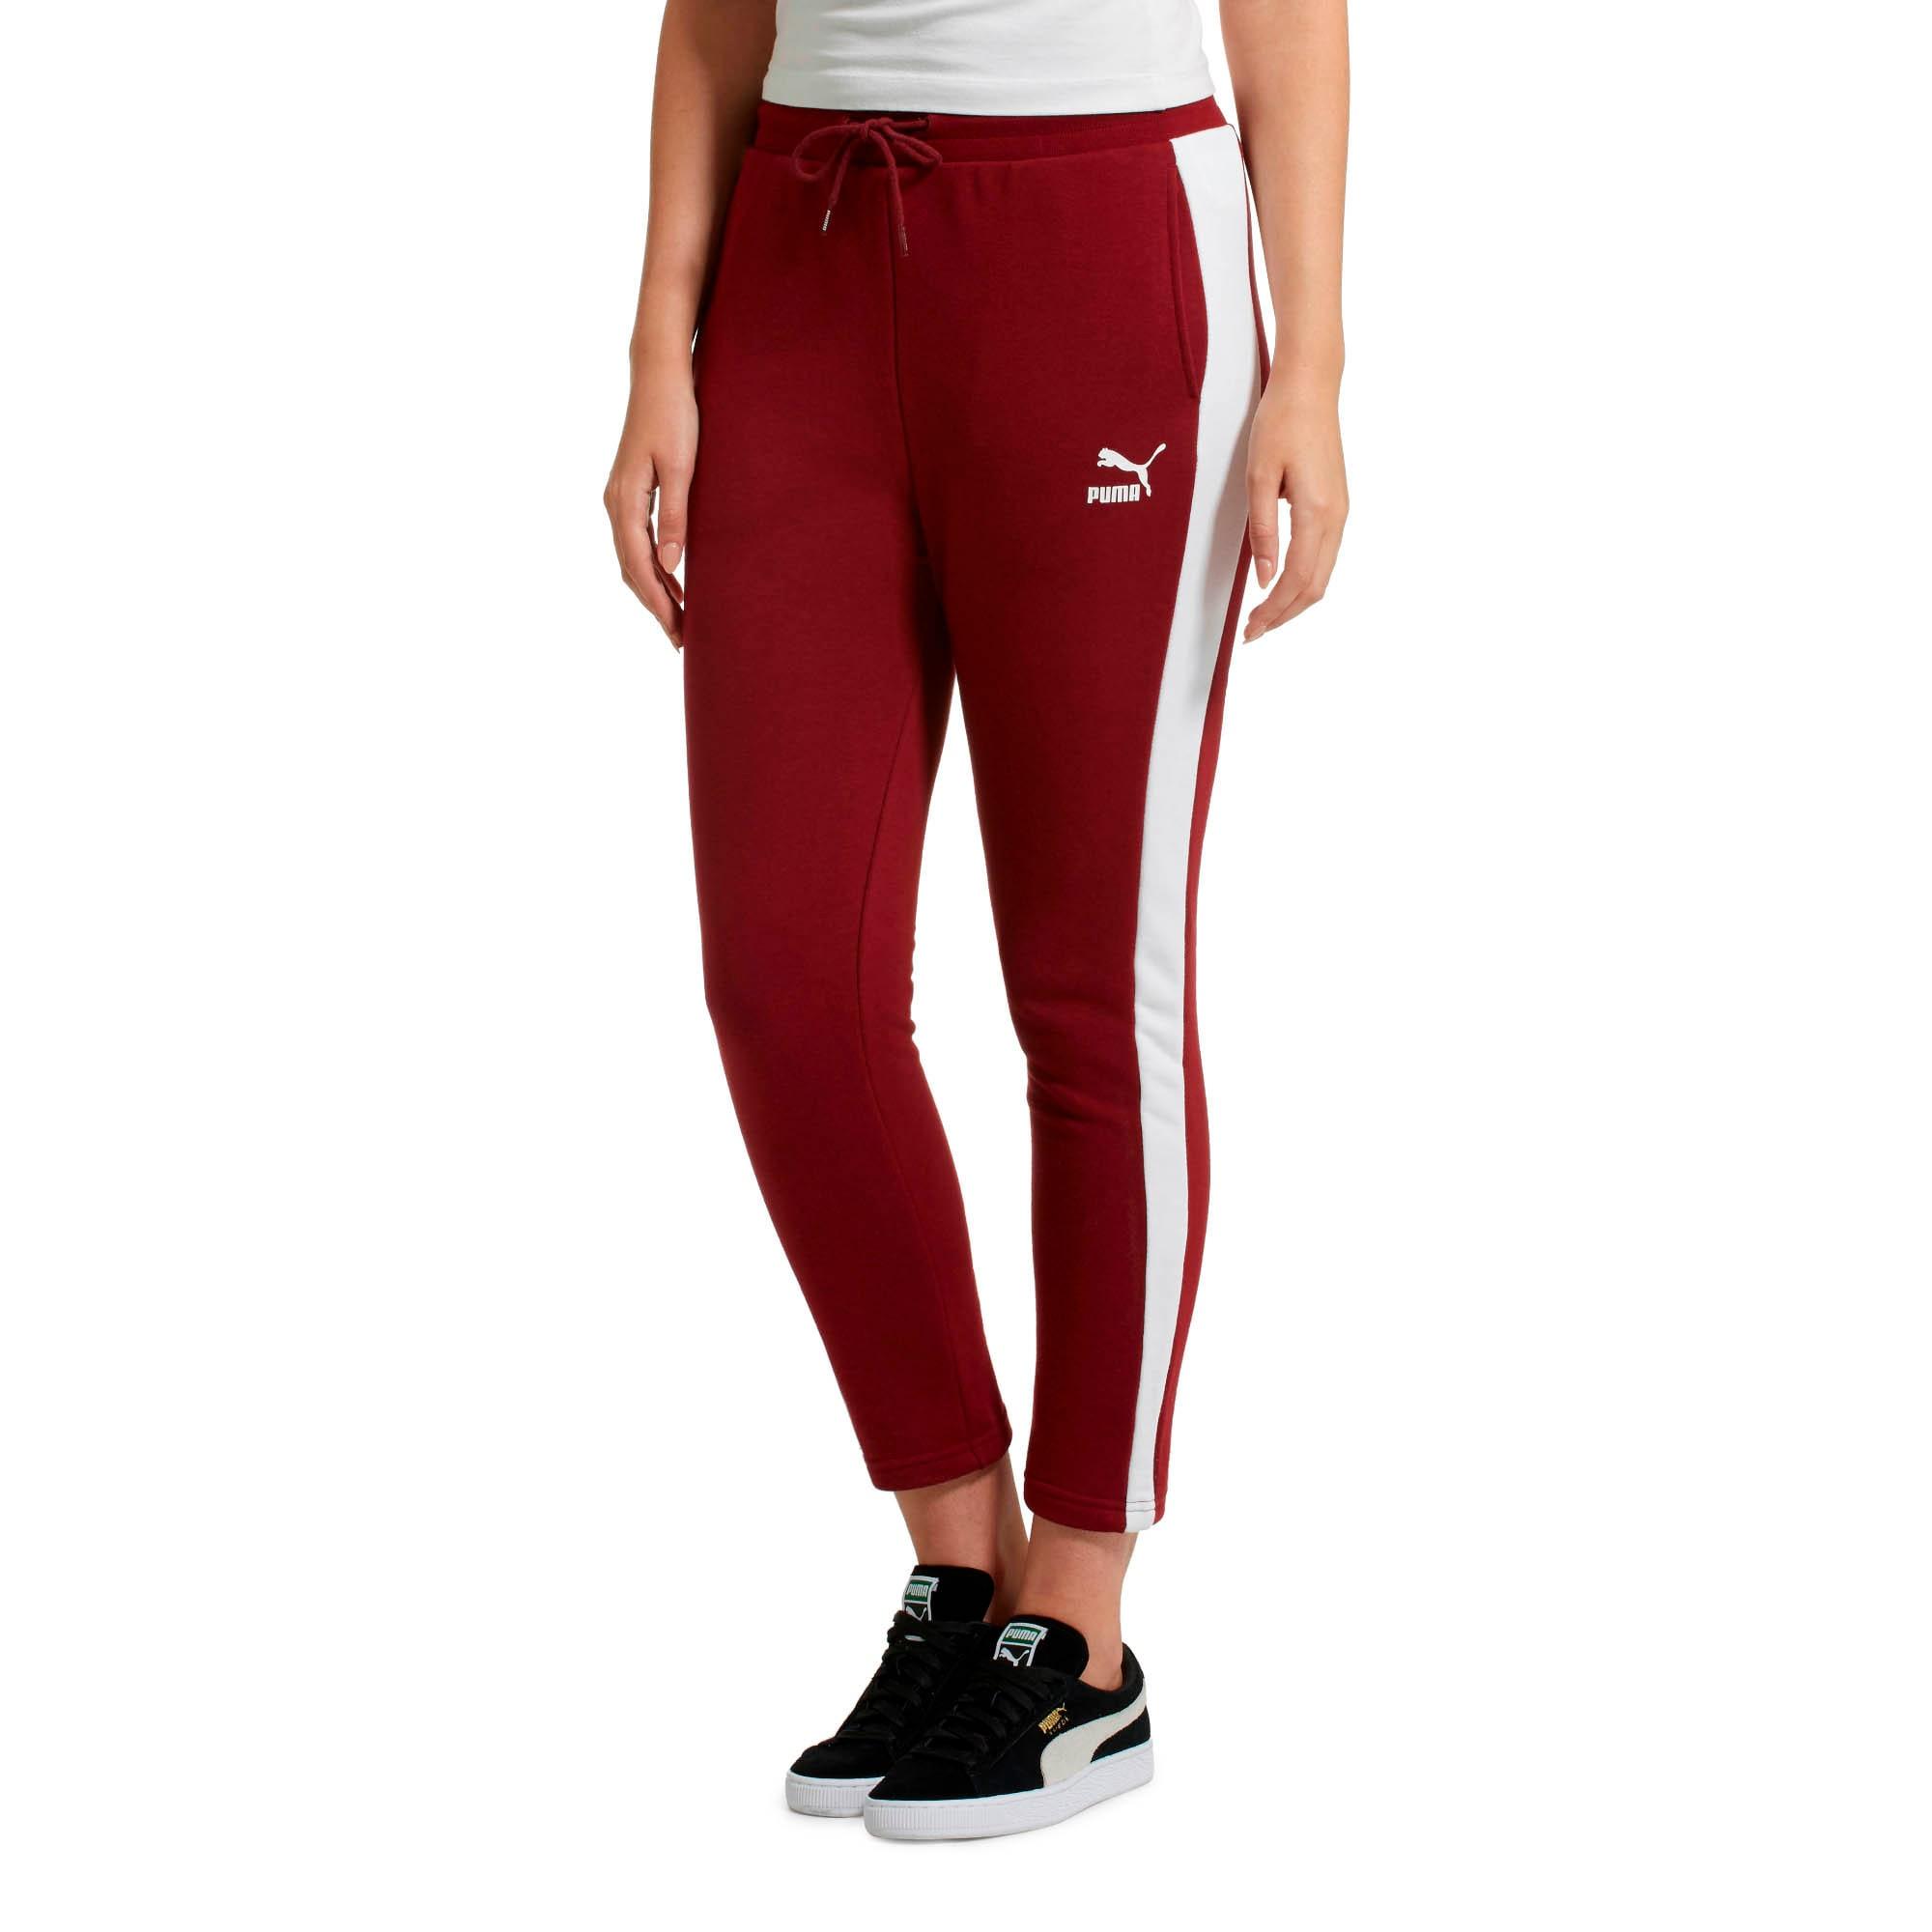 Thumbnail 2 of Classics T7 Women's Track Pants, Pomegranate, medium